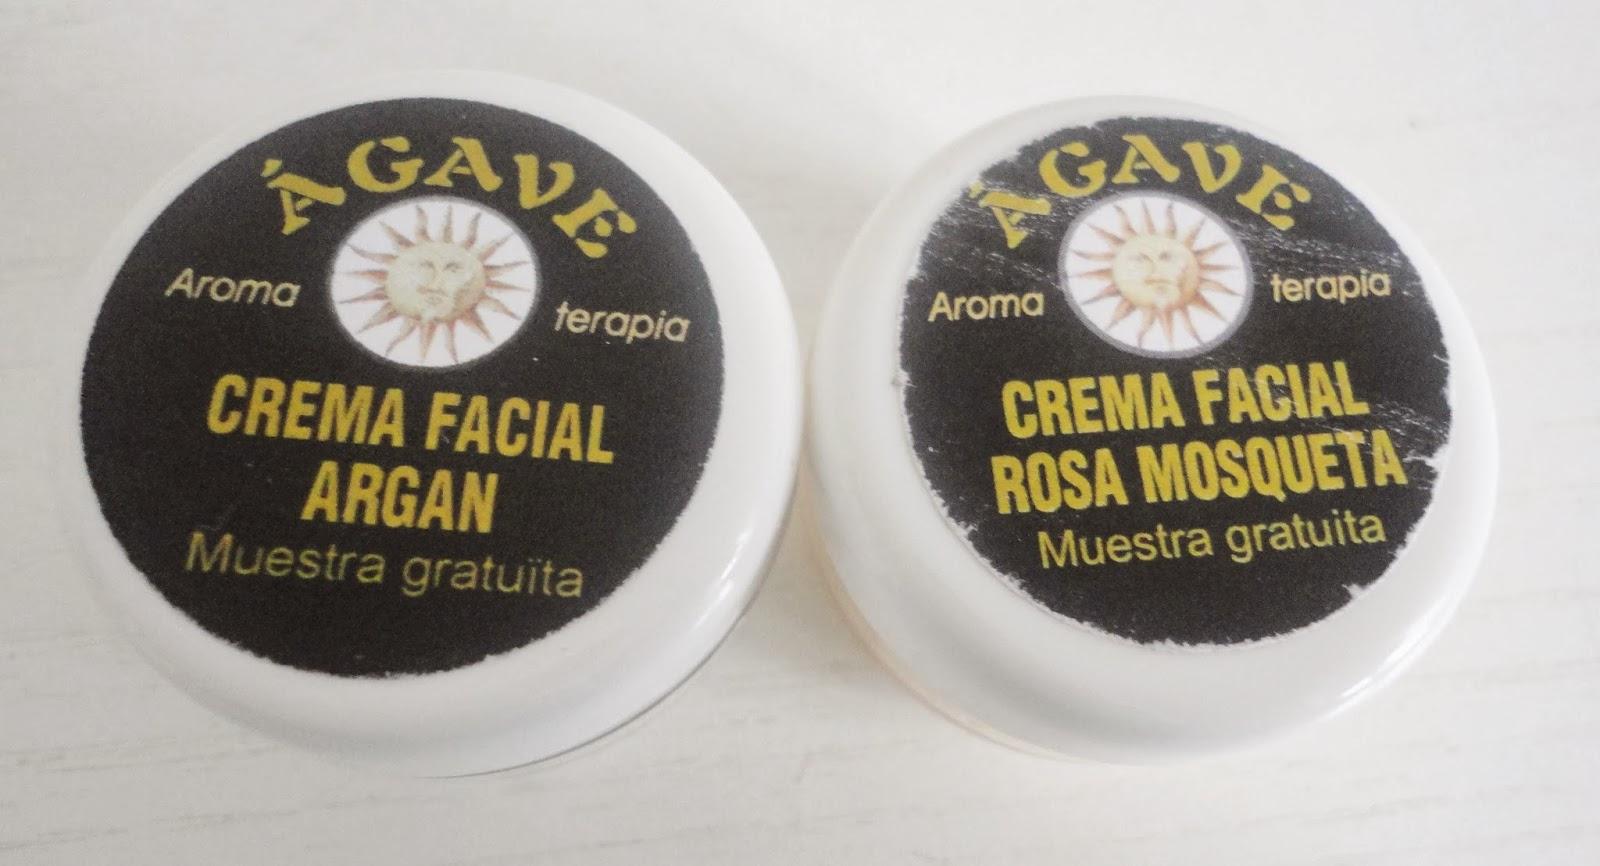 agave-crema-facial